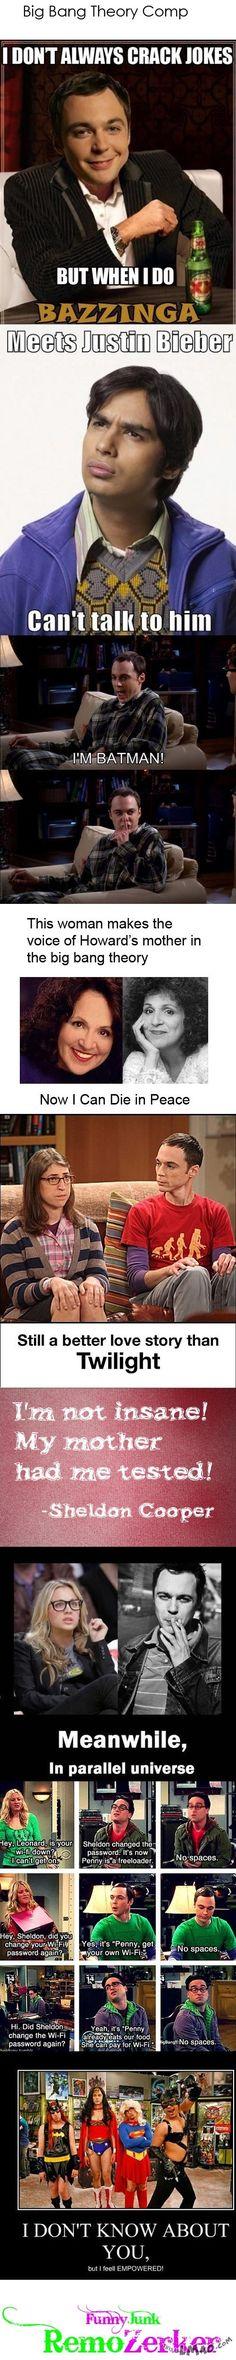 Will this make you laugh? Big Bang Theory